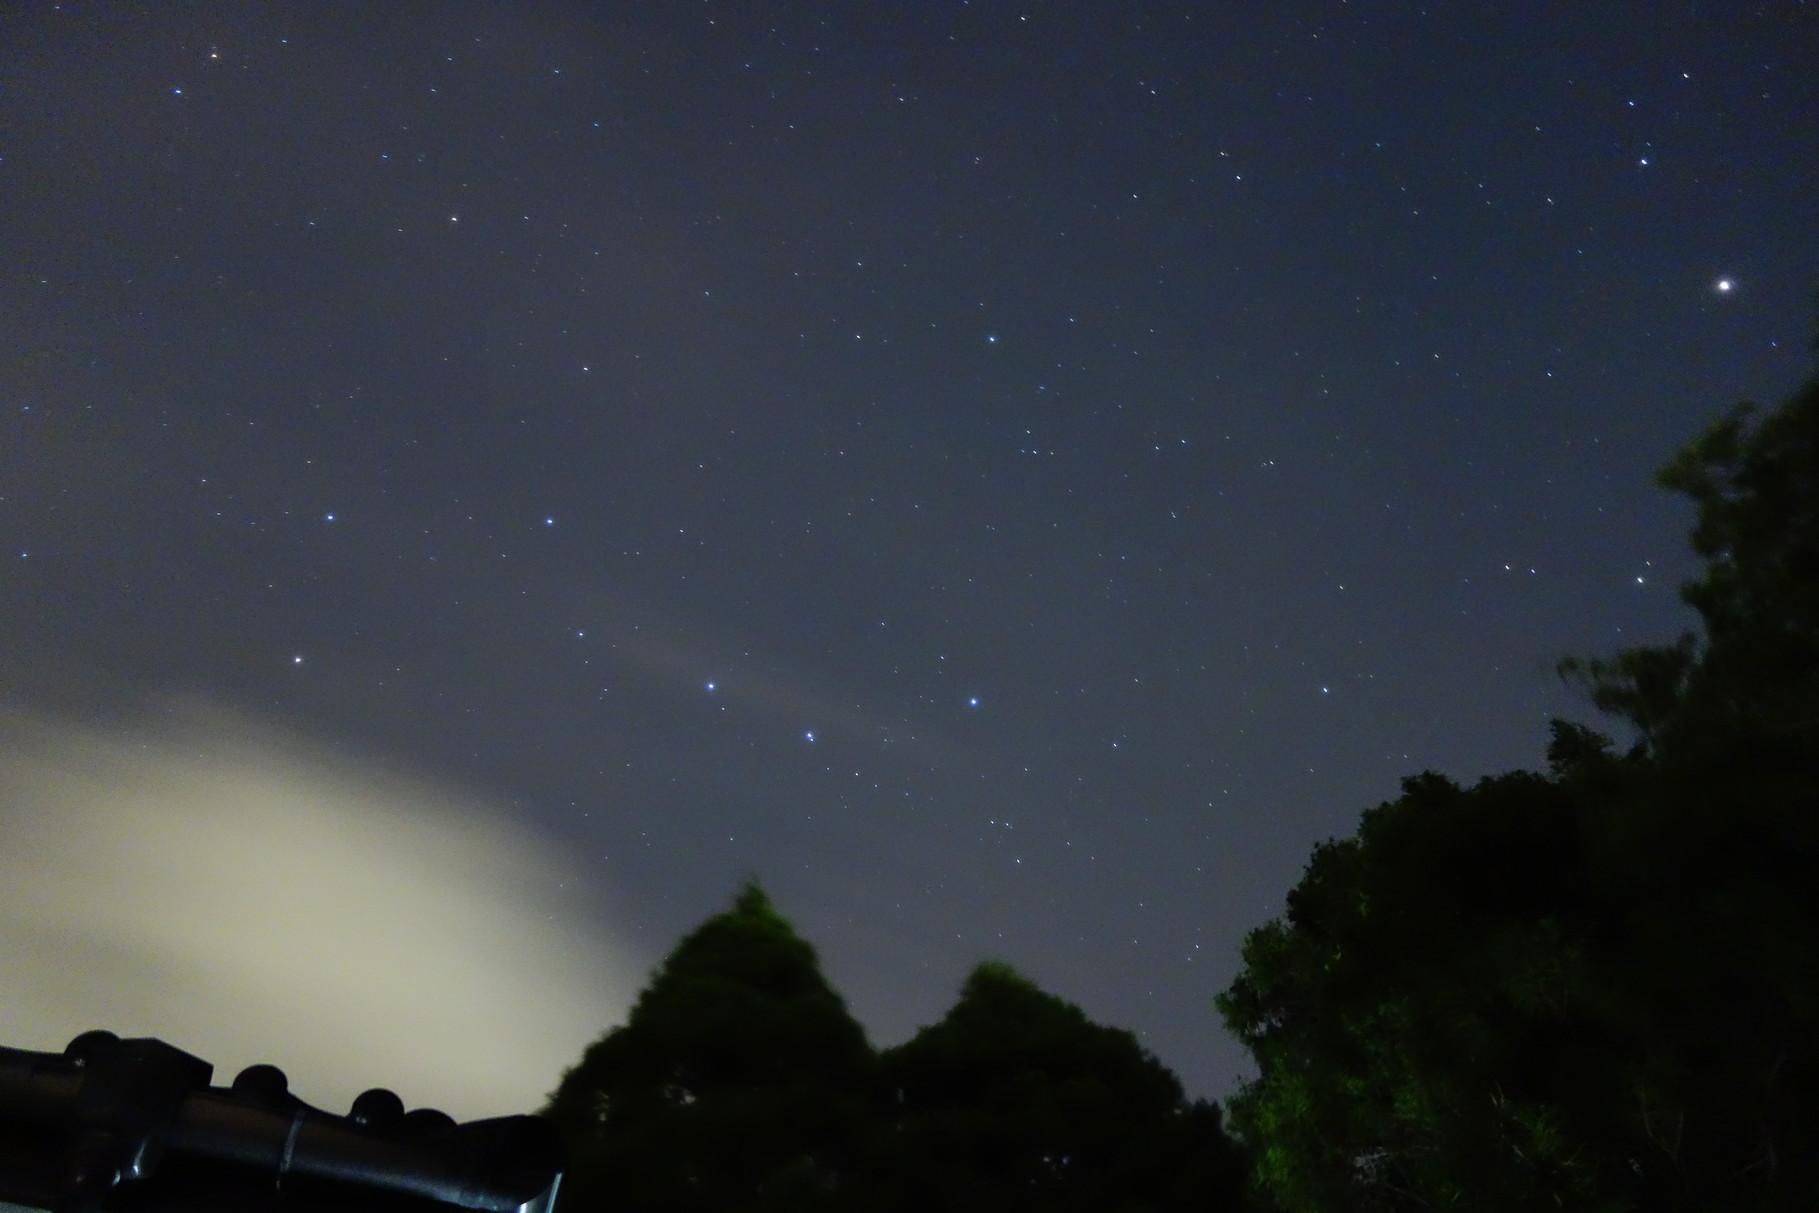 北斗七星 この時期一番綺麗に見える星座